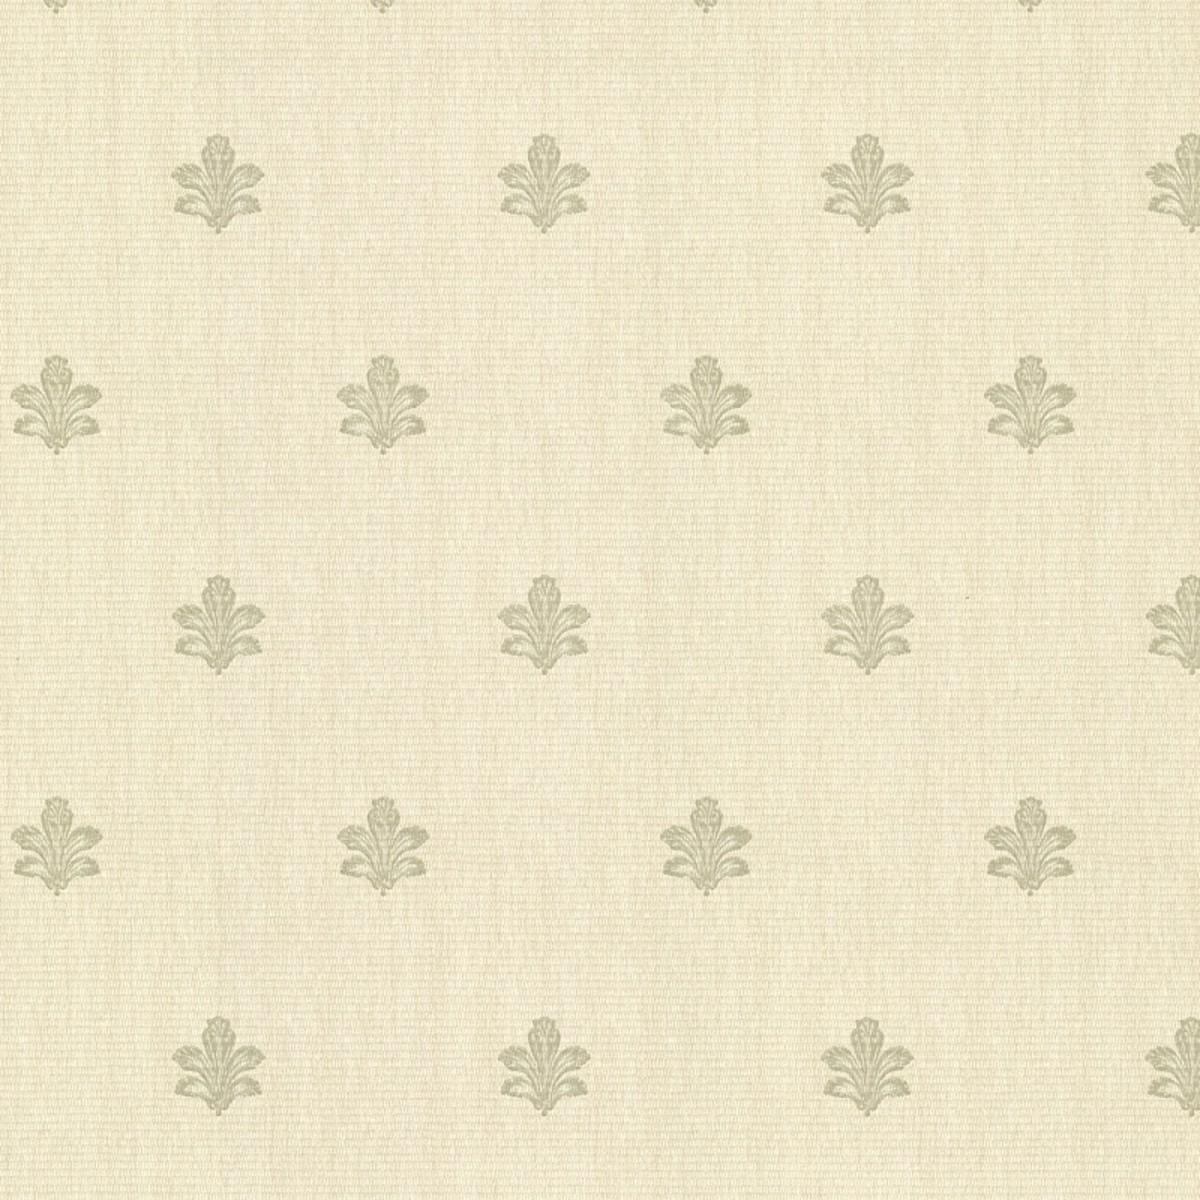 Виниловые обои Aura бежевые FD20850(2601-20850) 0.53 м